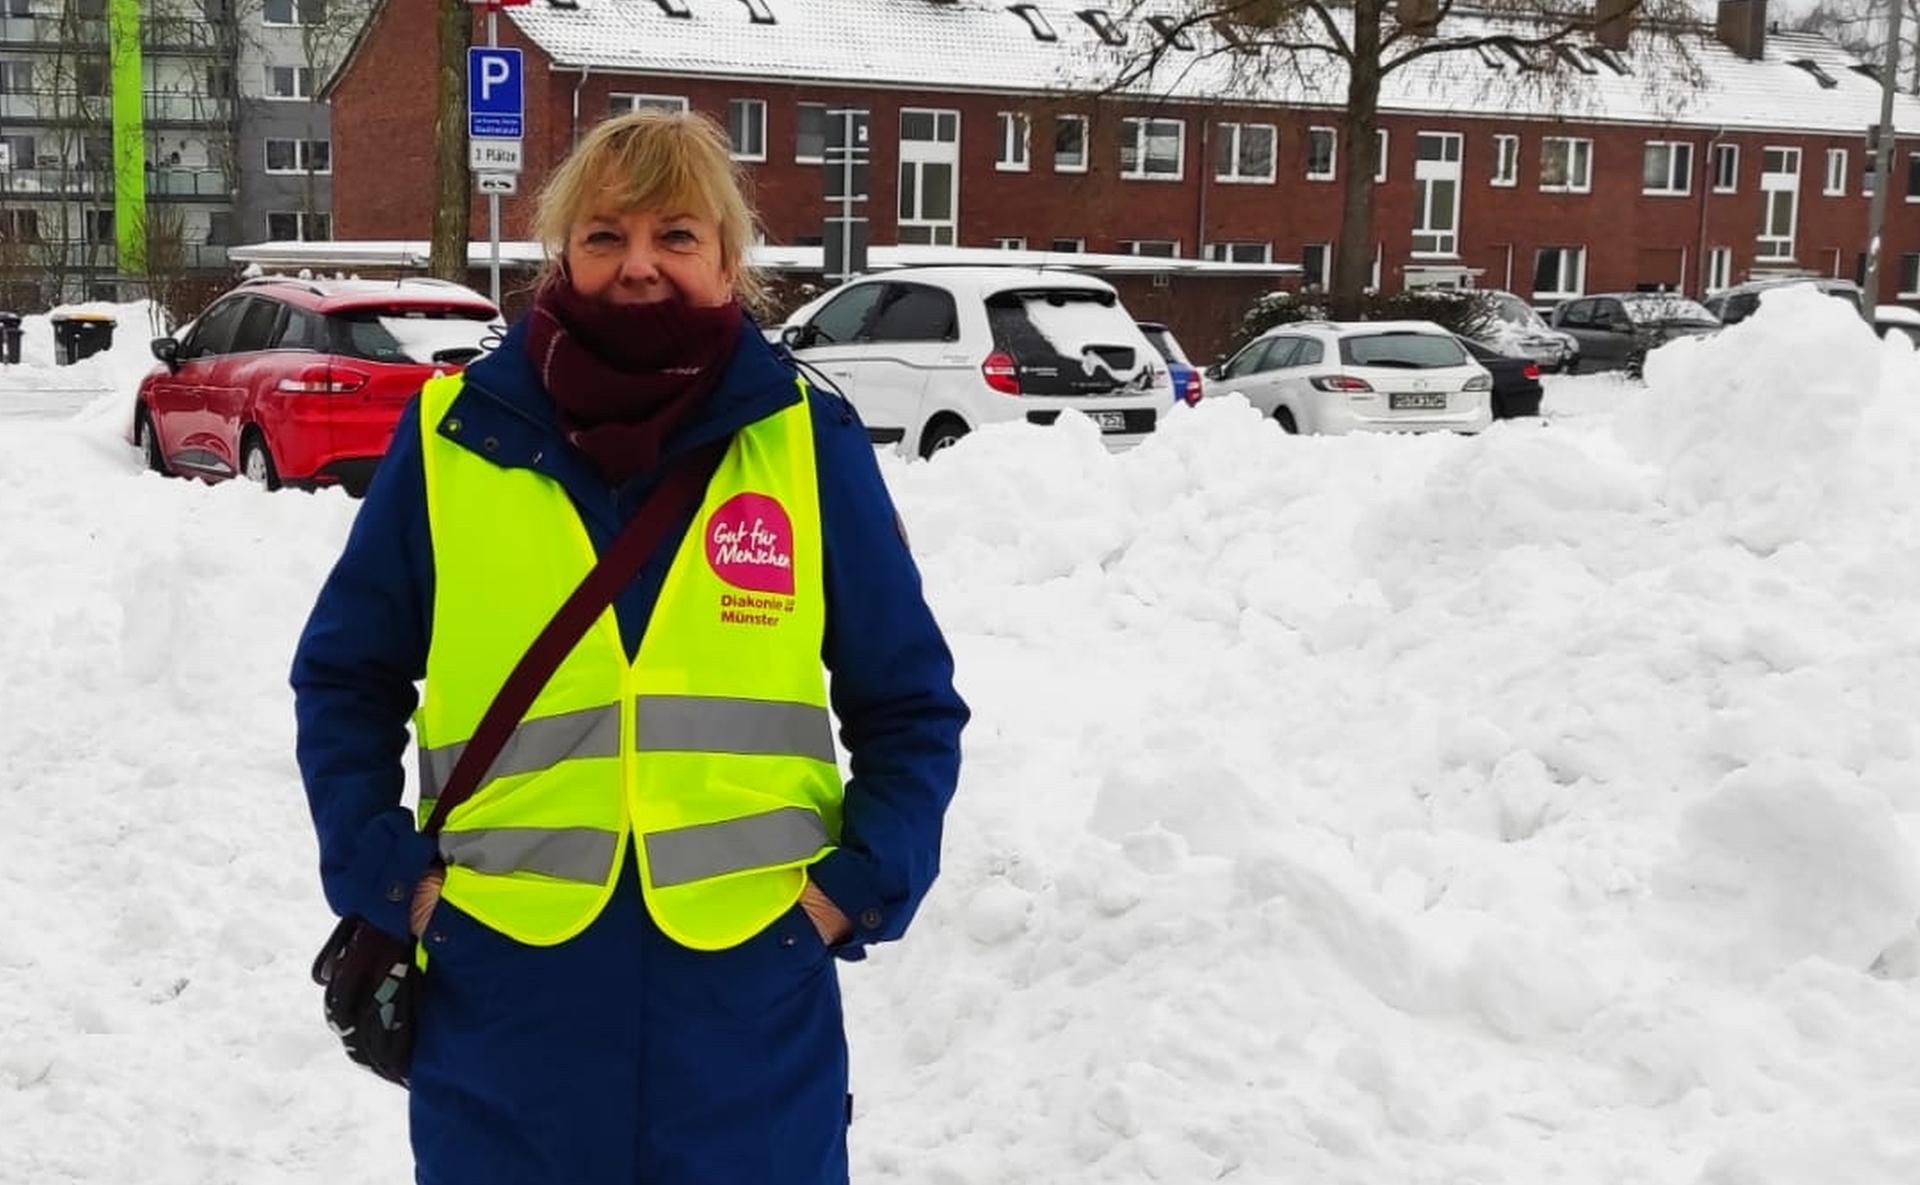 Foto: Patientenversorgung im Schnee